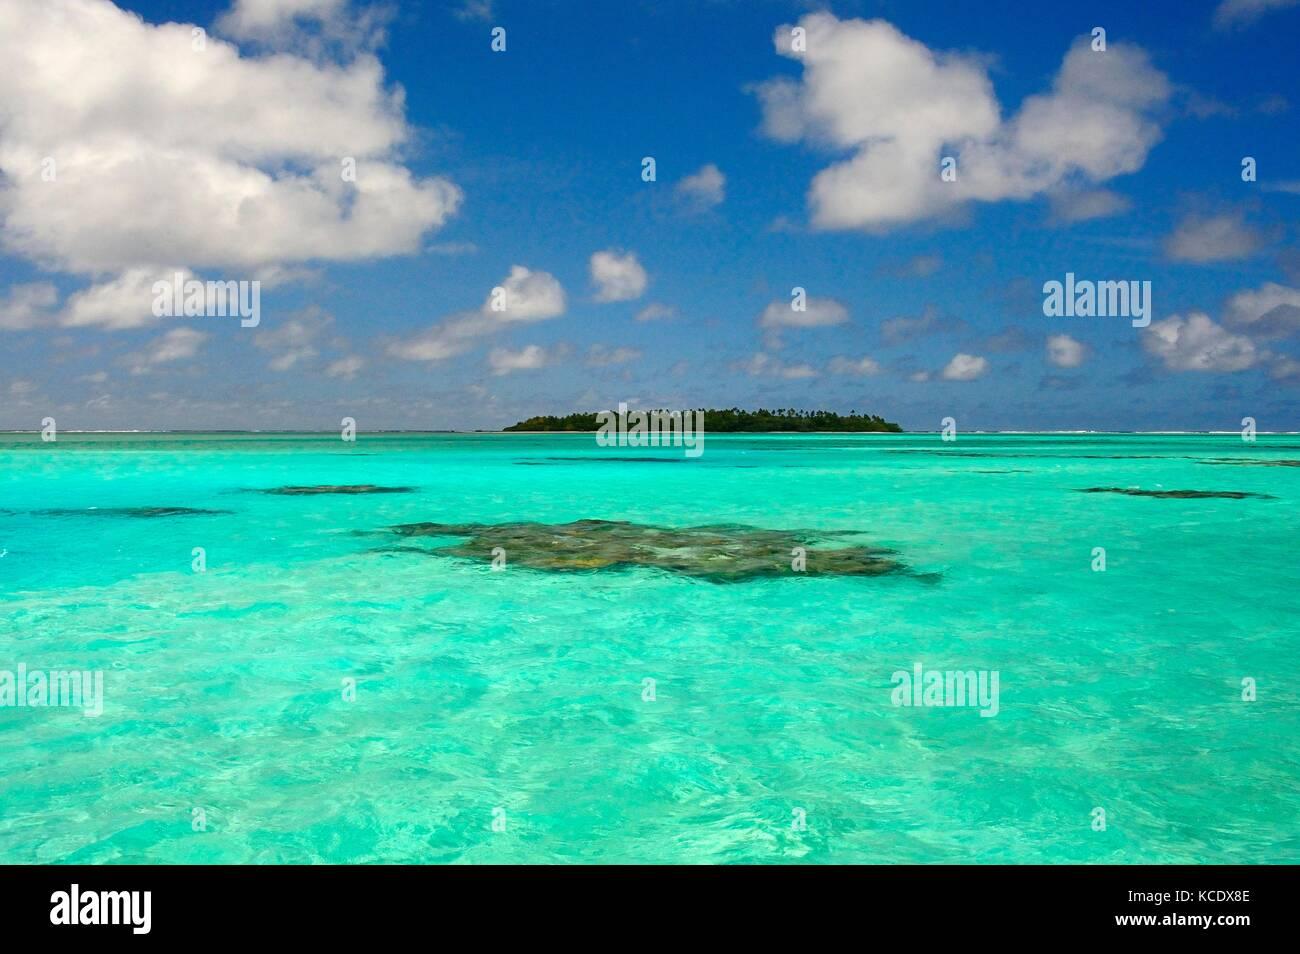 Reef Aitutaki Lagoon - Stock Image